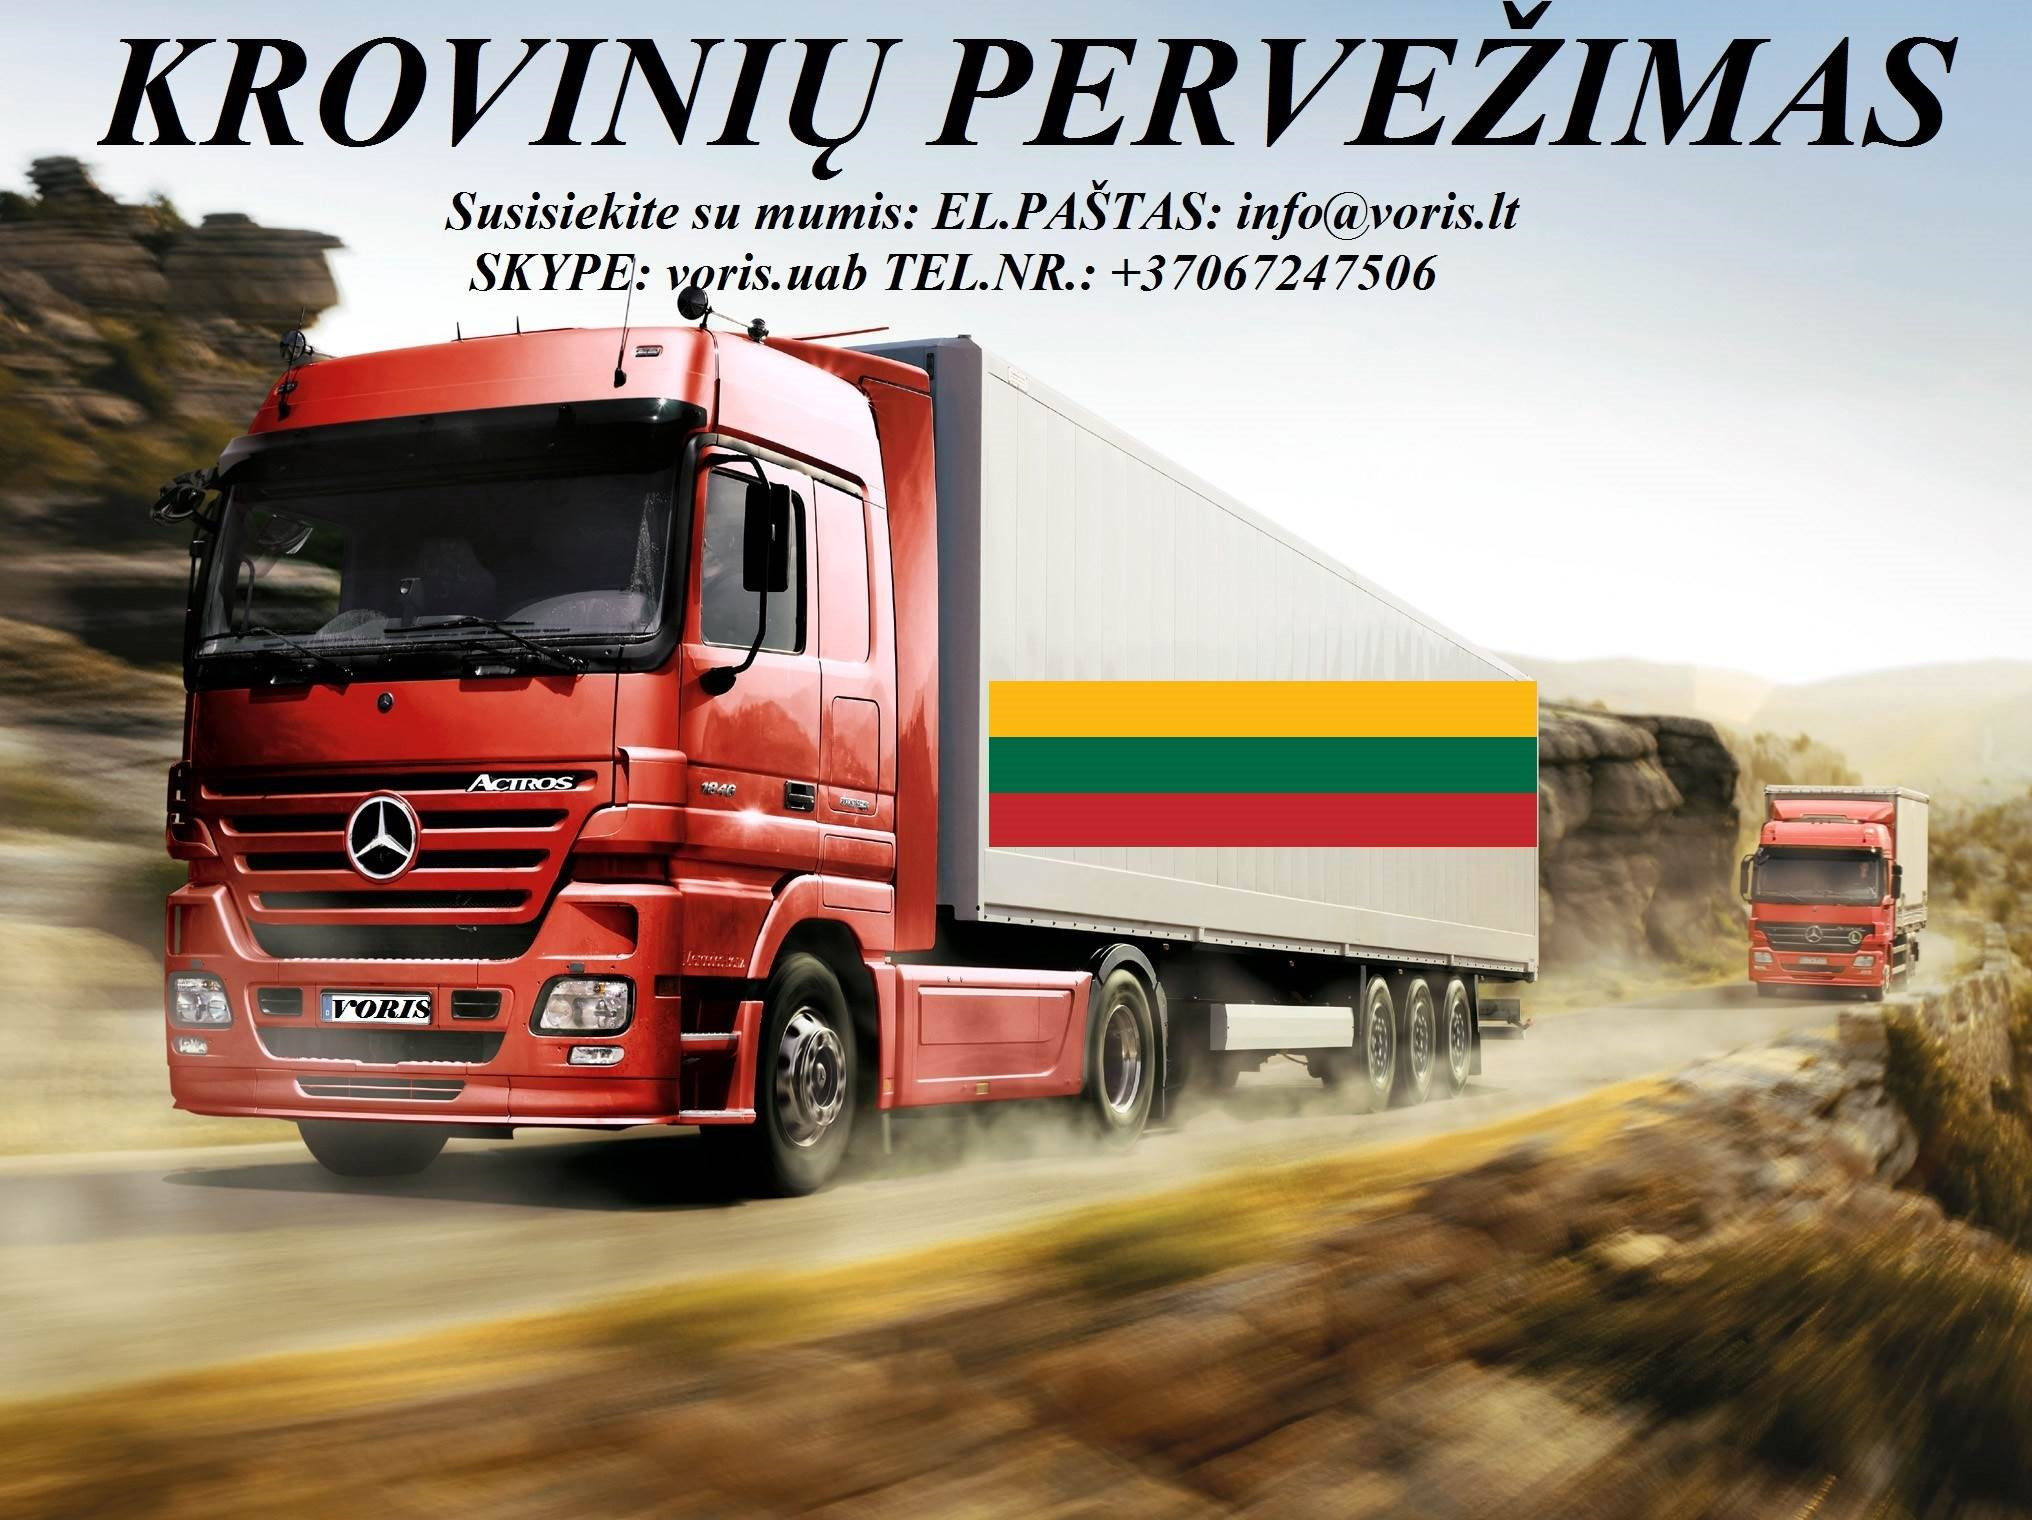 Lietuva - Lietuva ! Pervežame krovinius patikimai ir greitai ! Krovinių pervežimas vykdomas visoje Lietuvoje EL.PAŠTAS: info@voris.lt ; SKYPE: voris.u